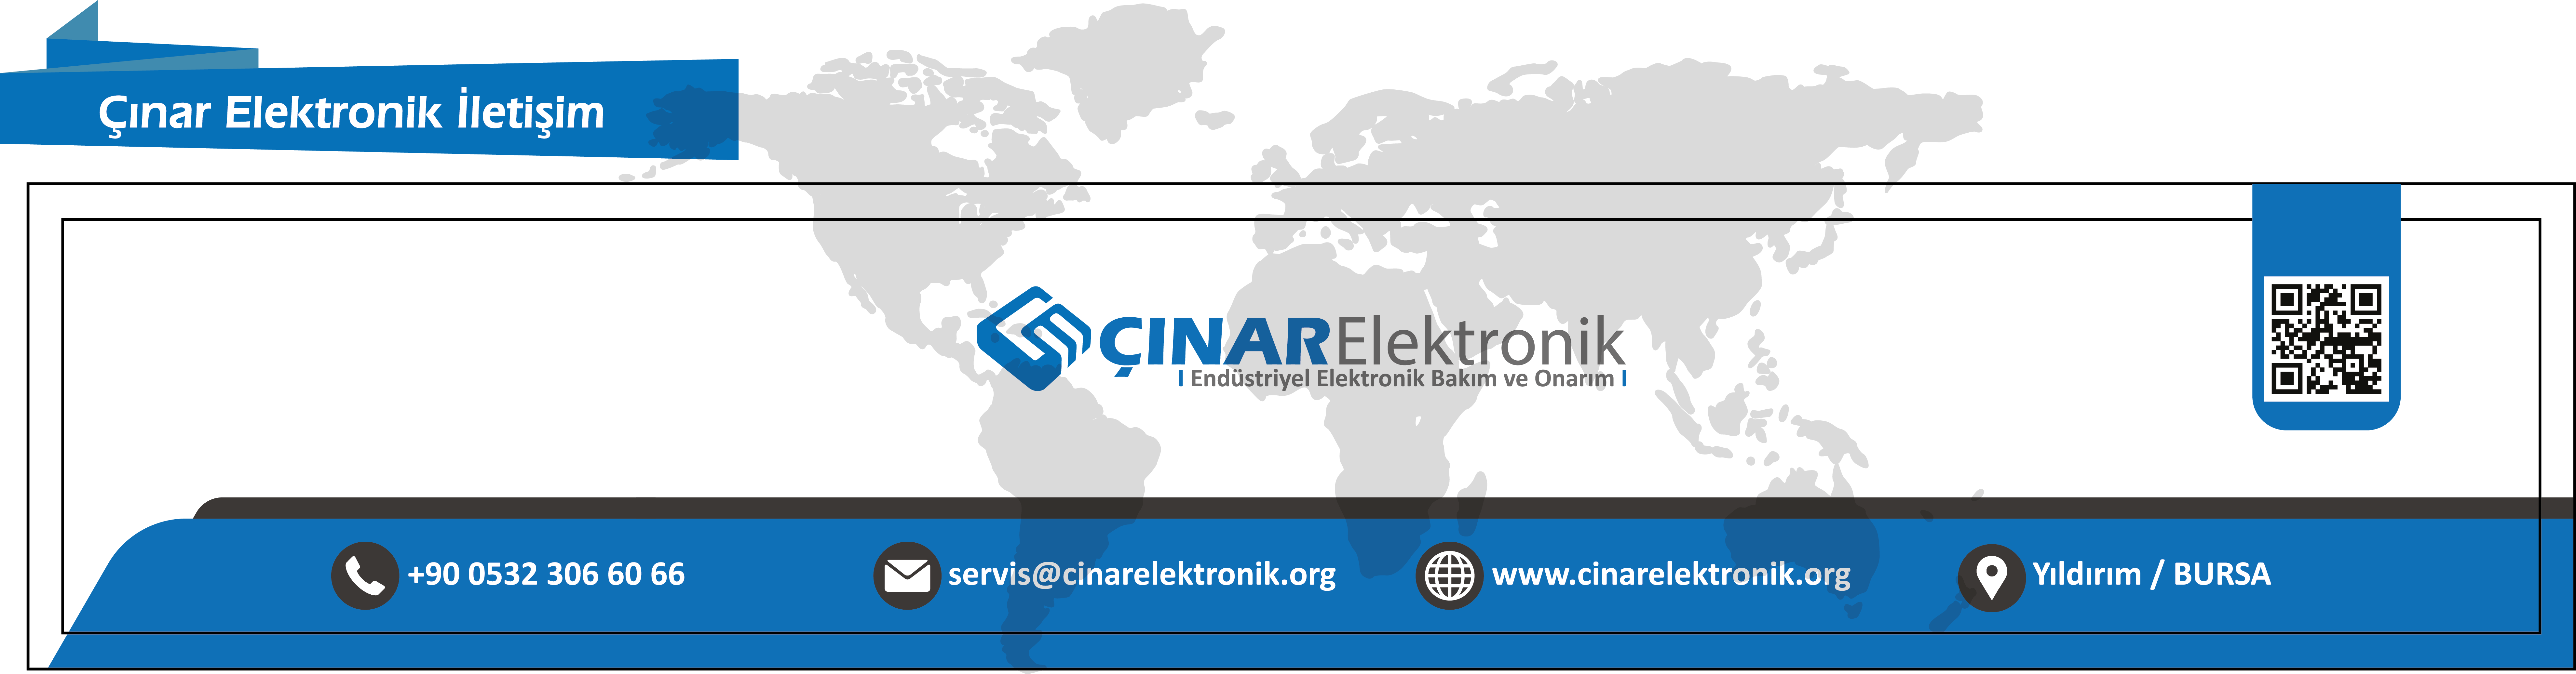 CinarElektronik-iletisim 1920x500 Çınar Elektronik